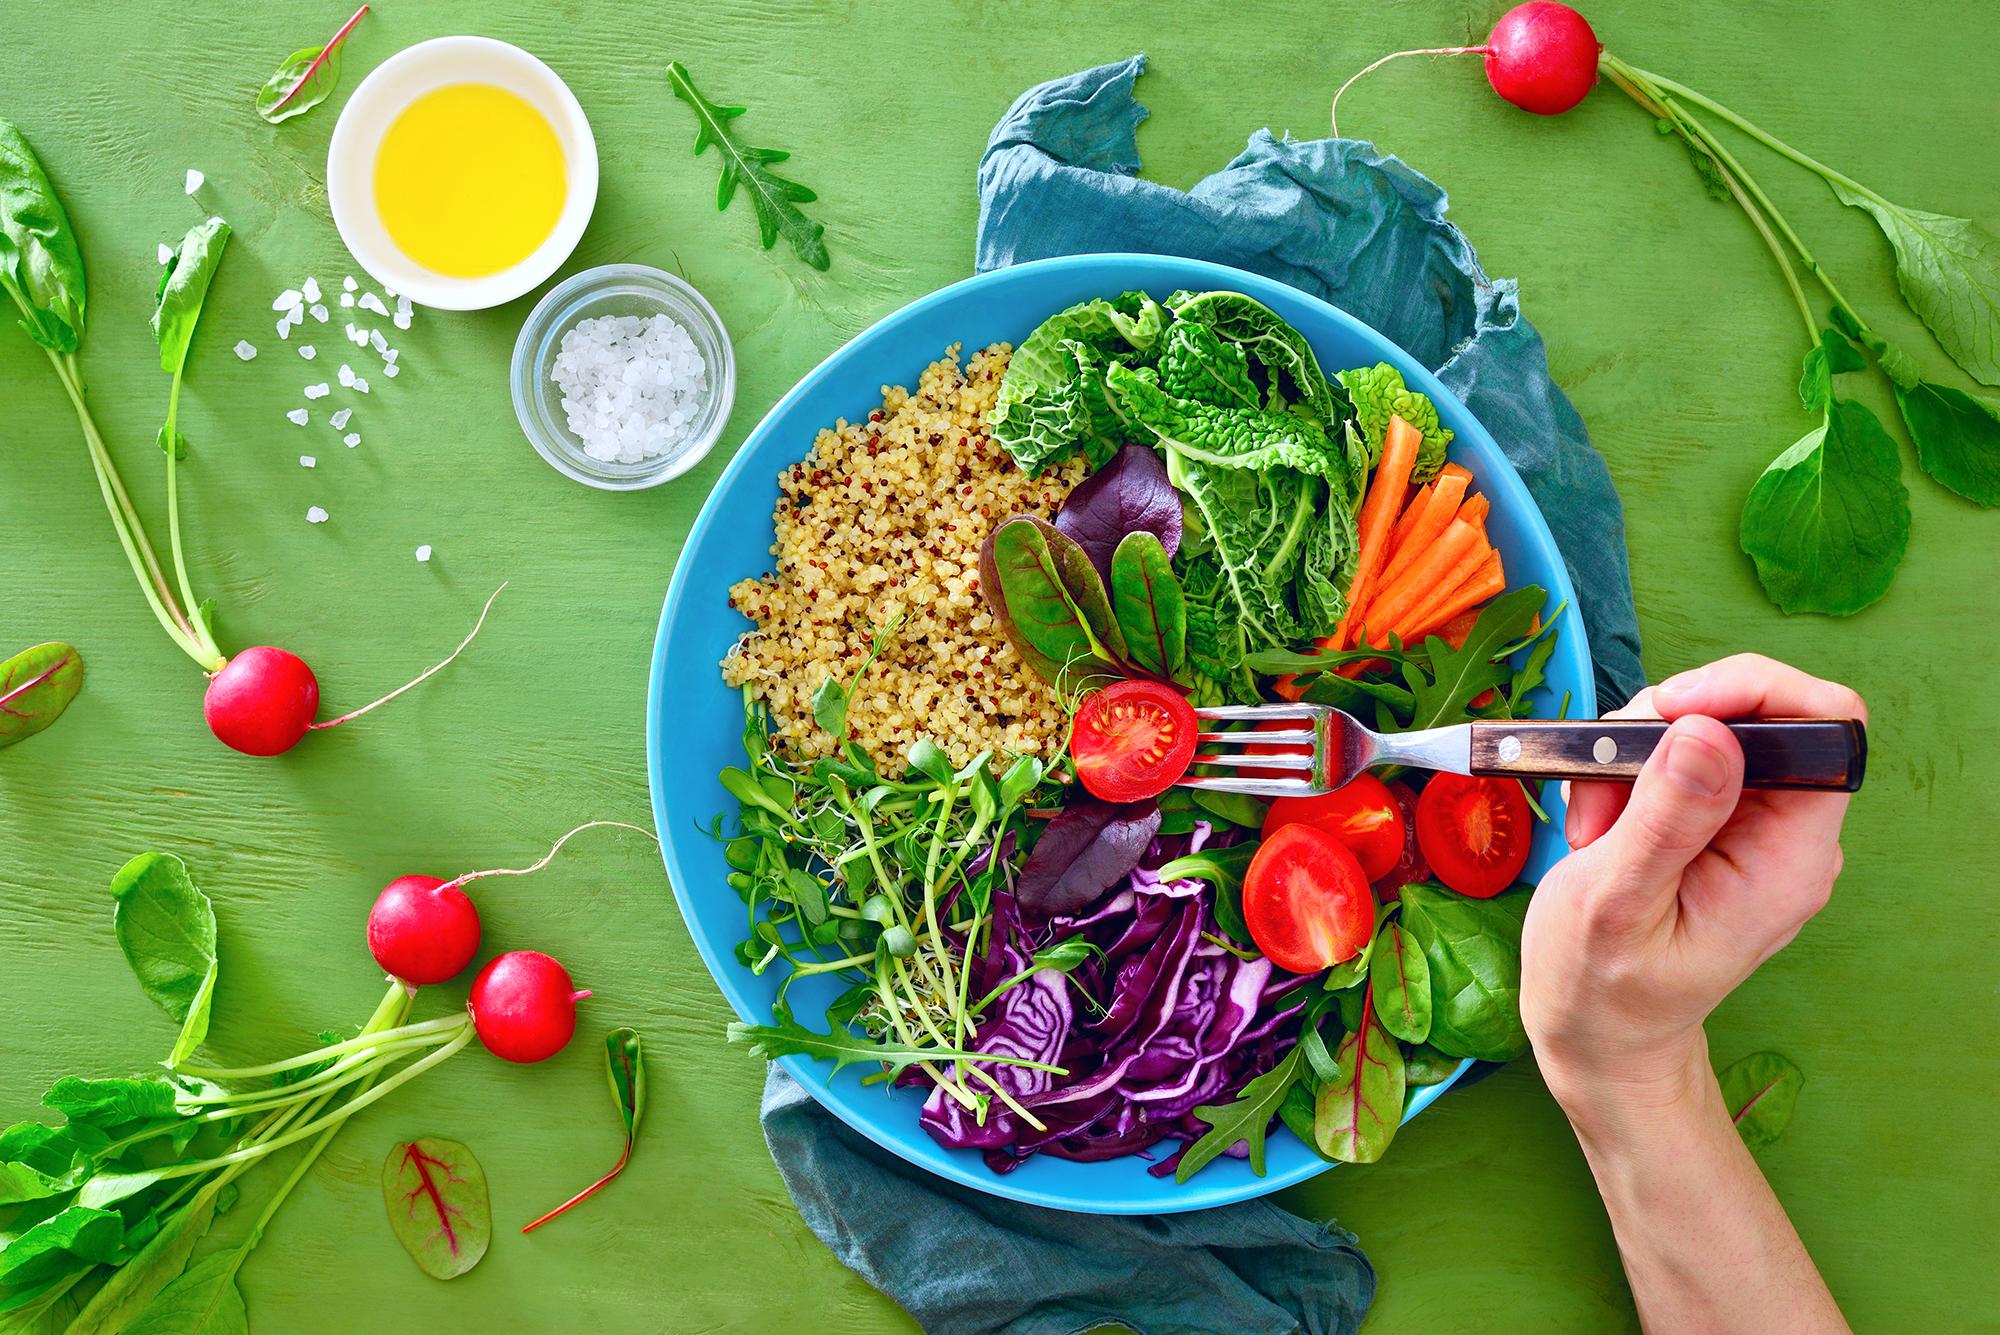 Salud, sabor y aporte de vitaminas: principales motivos de consumo de frutas y hortalizas